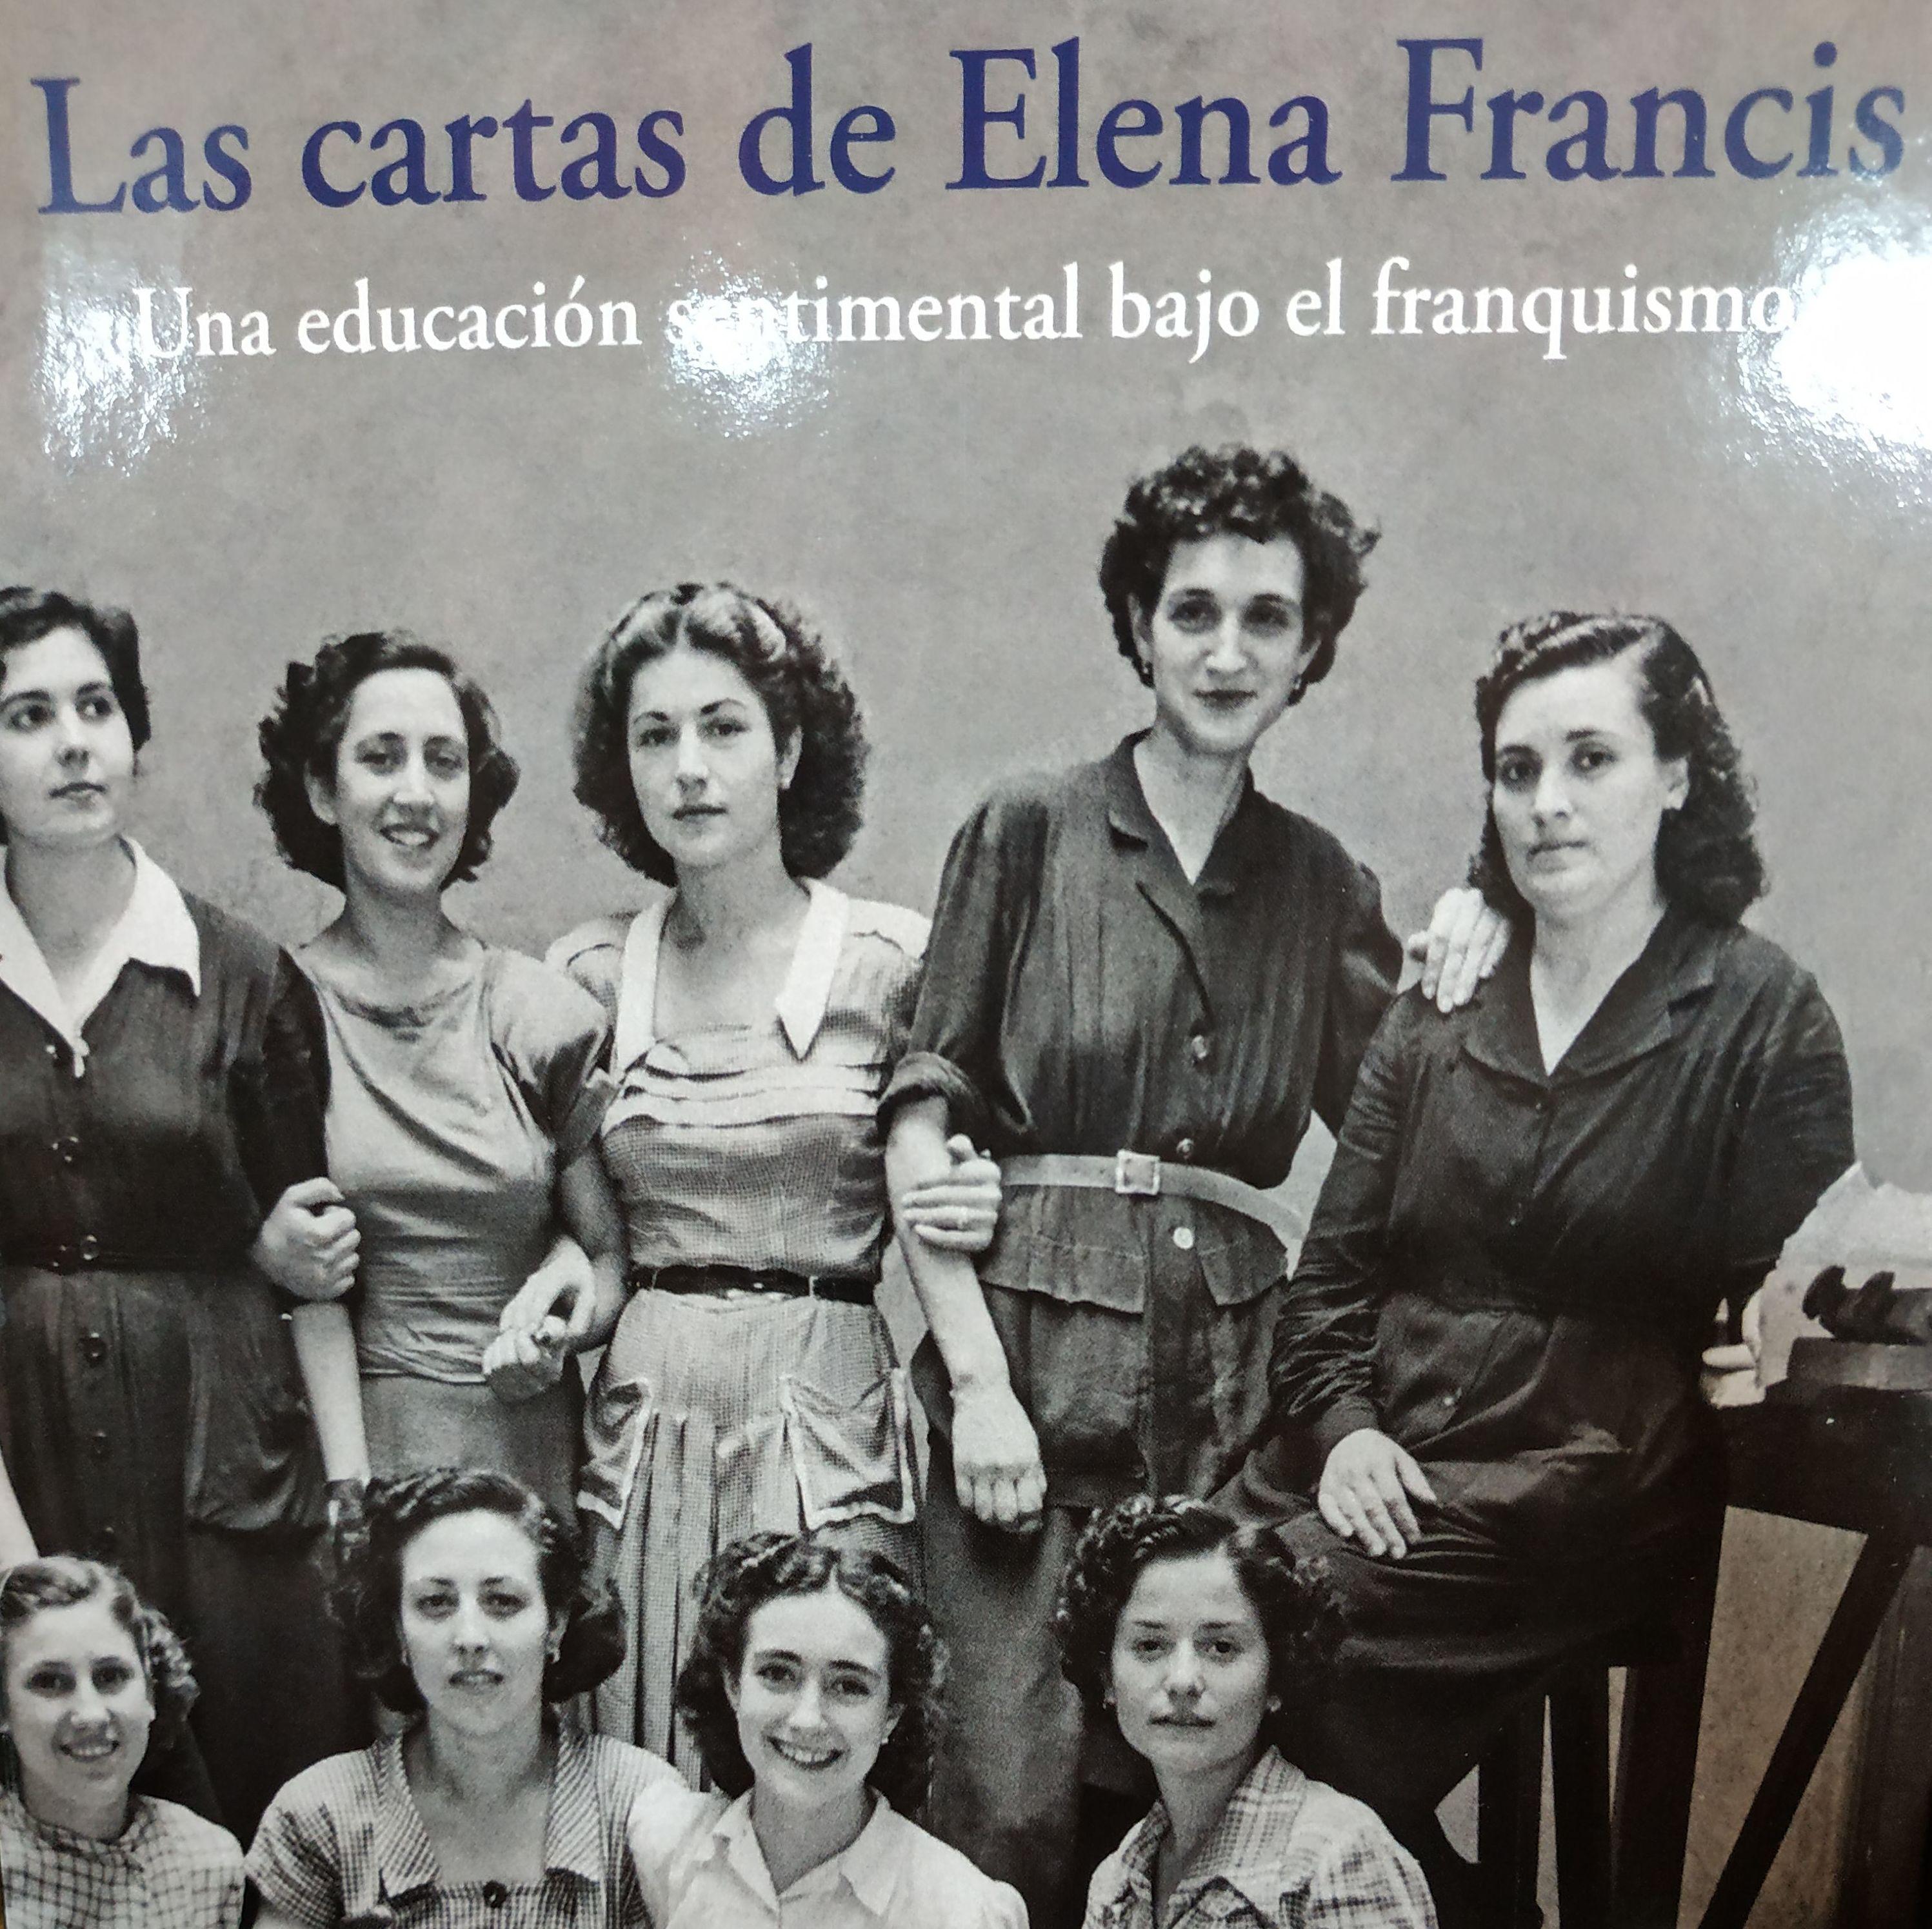 LAS CARTAS DE ELENA FRANCIS: SECCIONES de Librería Nueva Plaza Universitaria